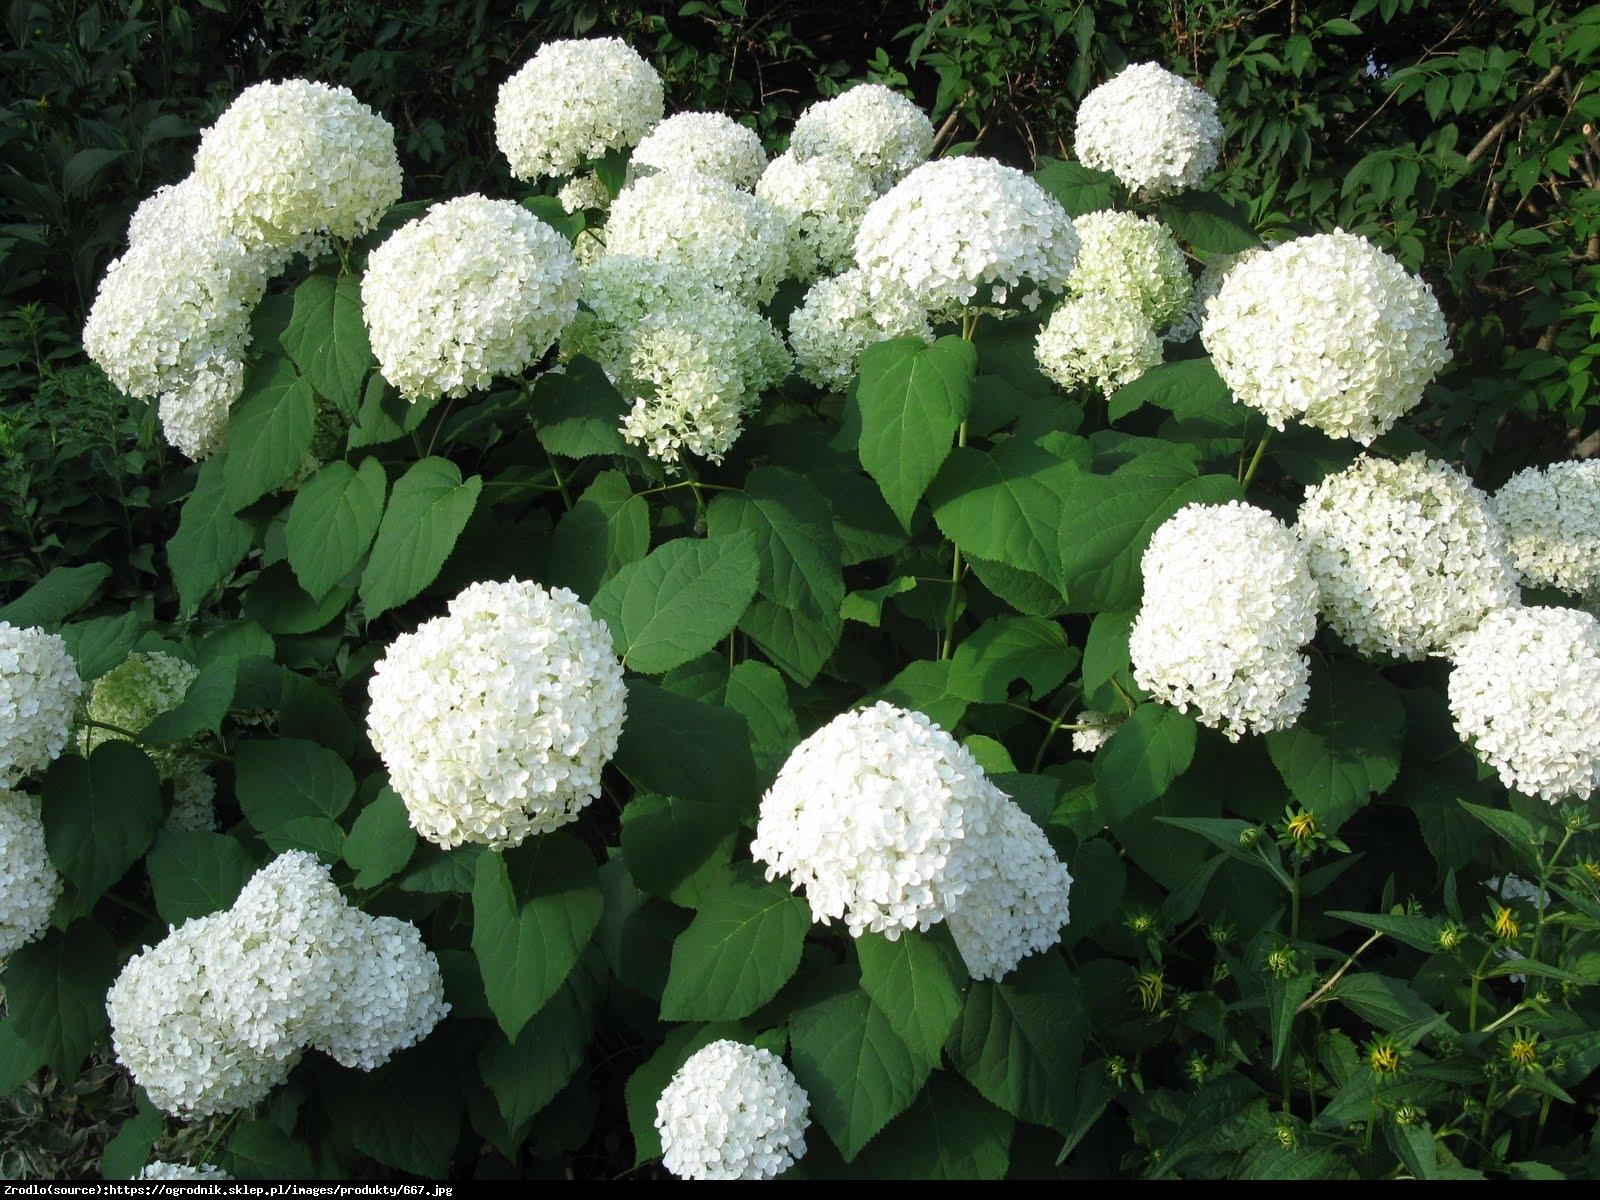 Hortensja ogrodowa biała - Hydrangea macrophylla biała